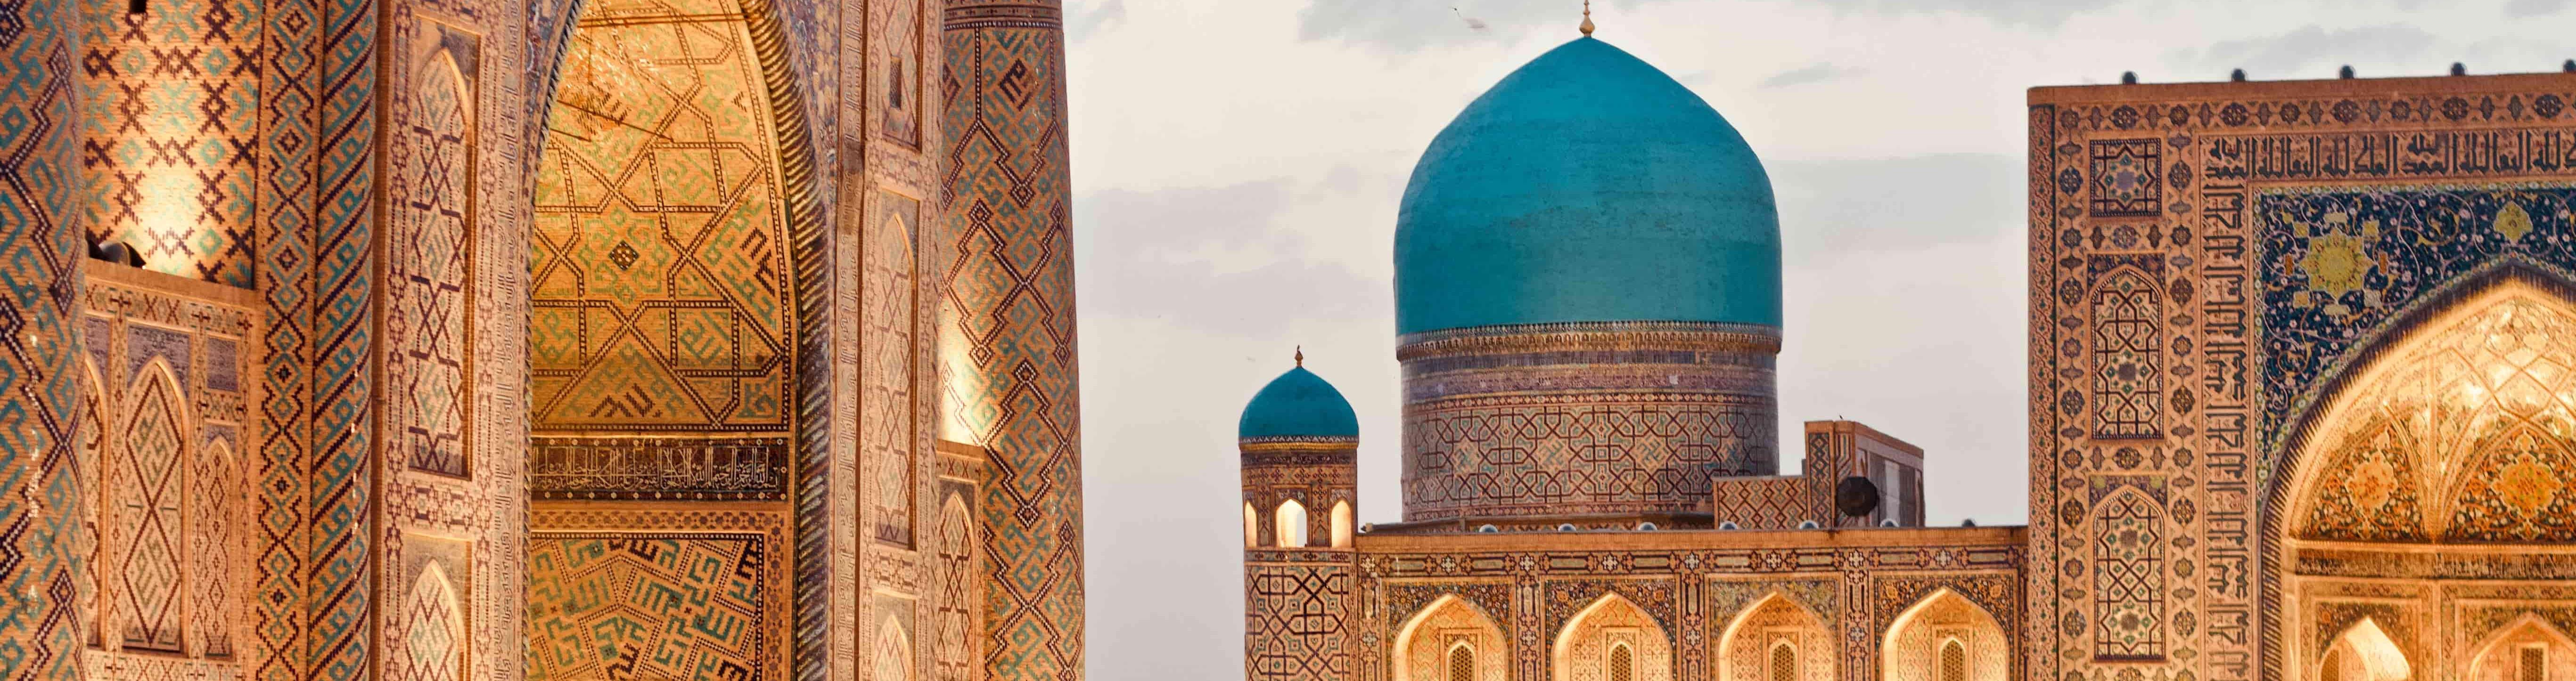 В феврале SkyUp выполнит ряд нерегулярных рейсов в Узбекистан